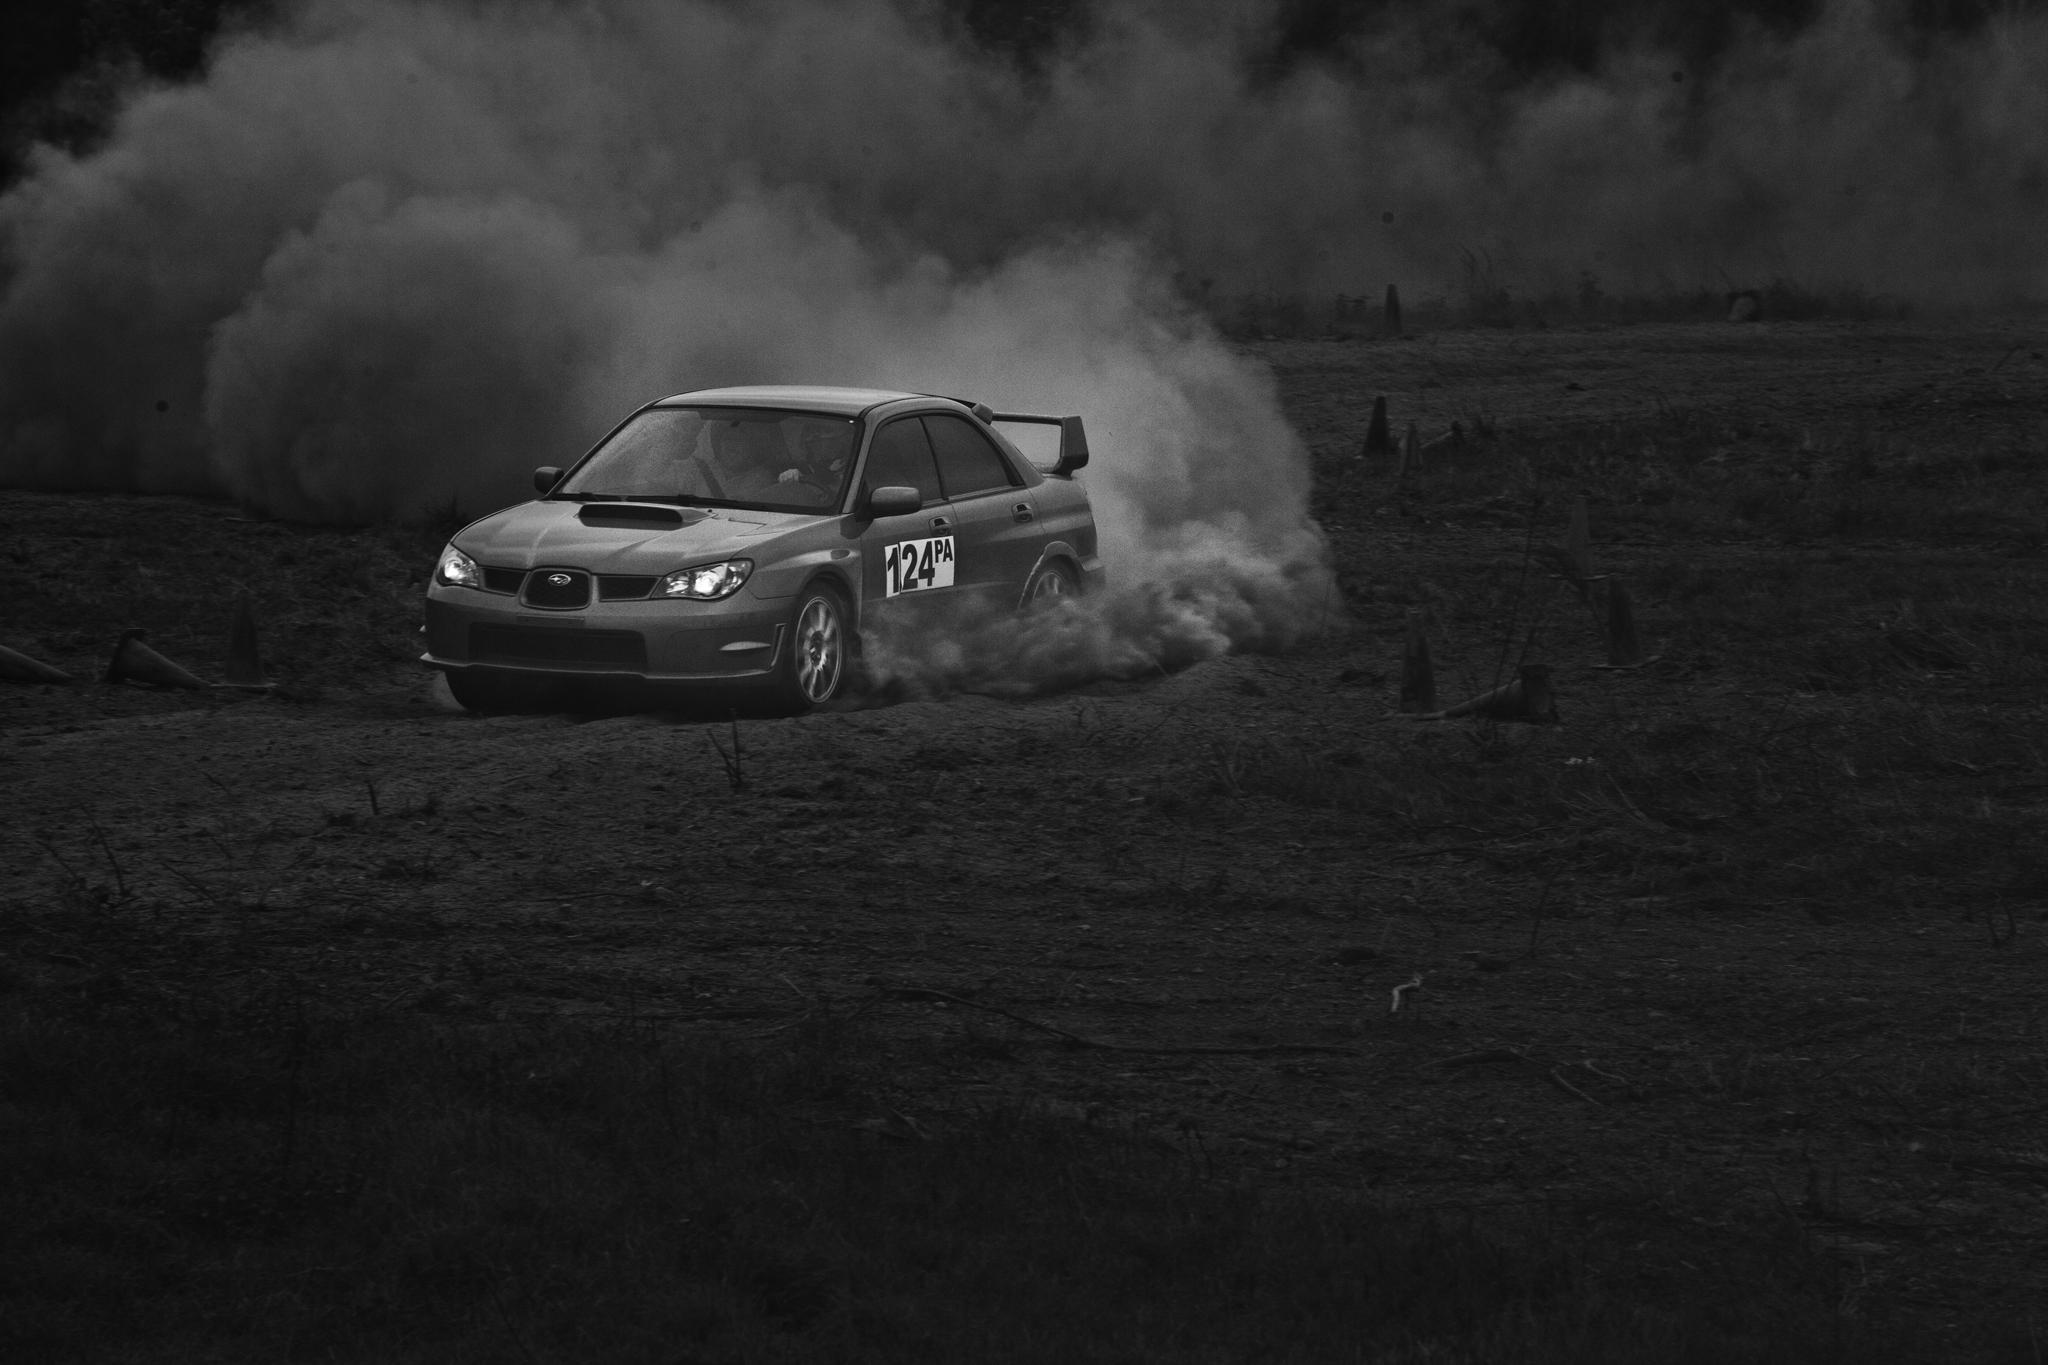 rallycross_event1_14.jpg